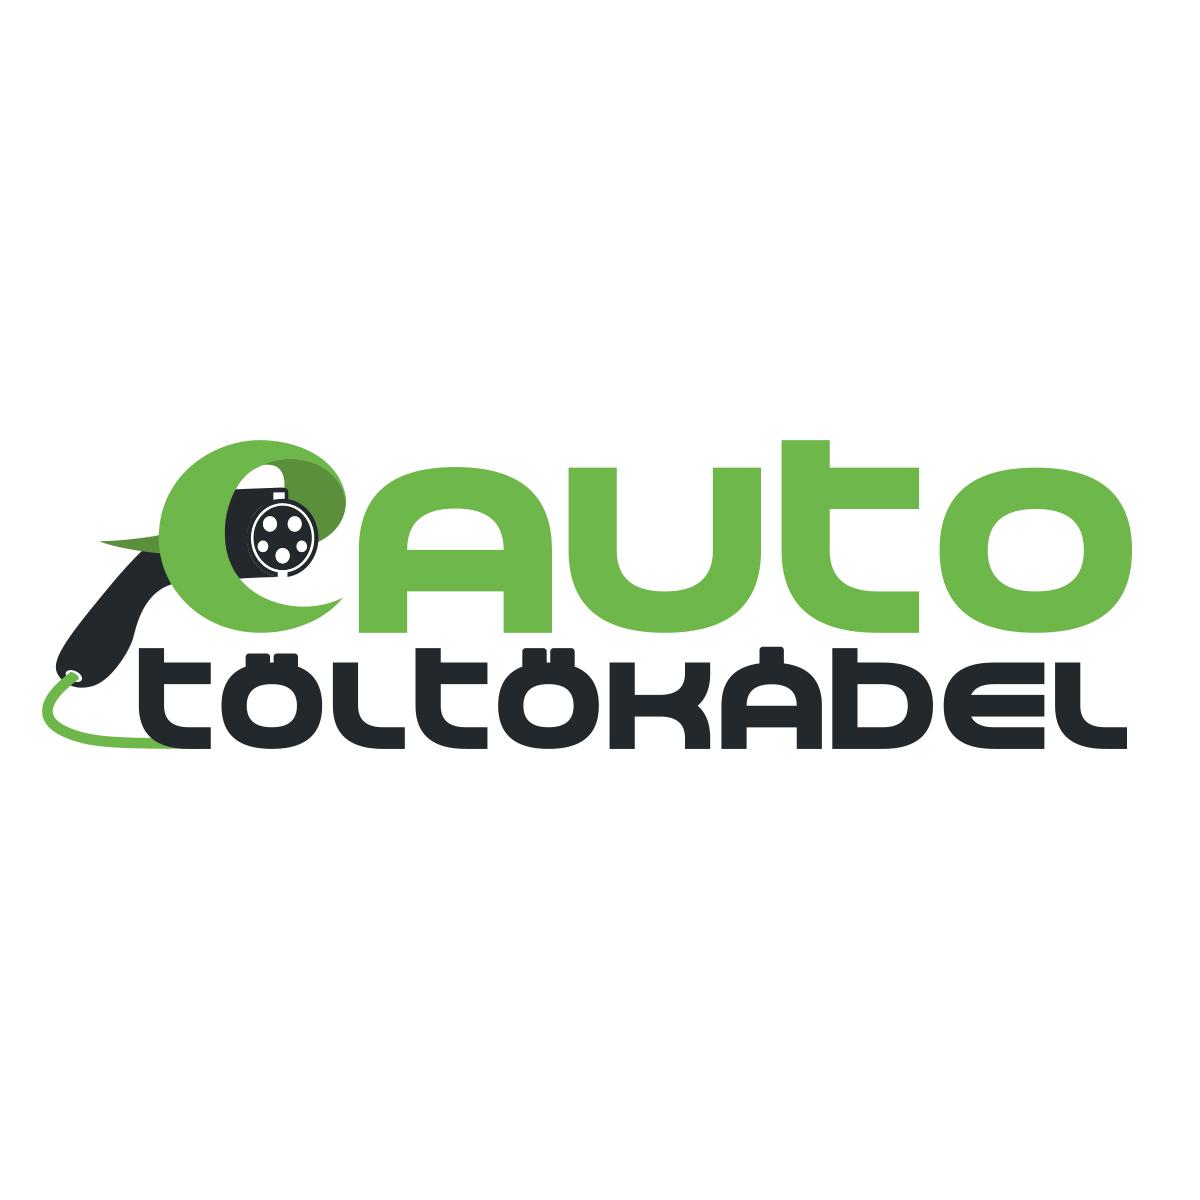 eautotoltokabel_logo